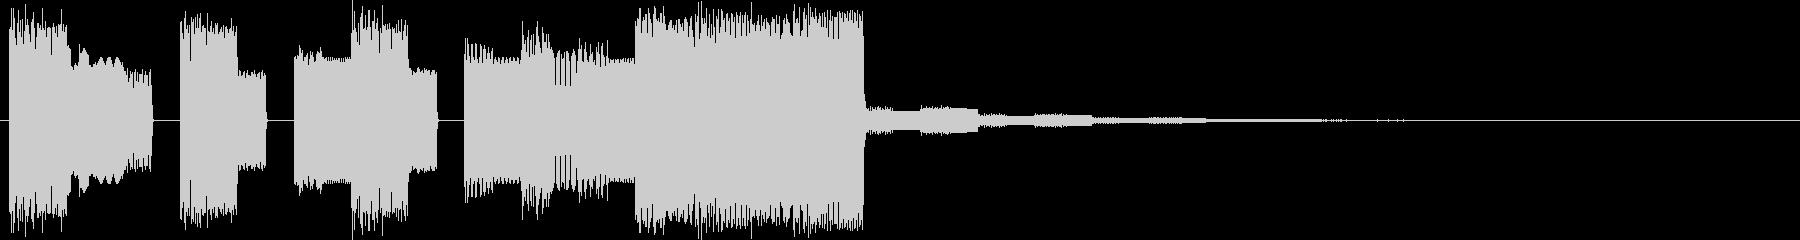 ファミコン系ピコピコ場面転換音の未再生の波形